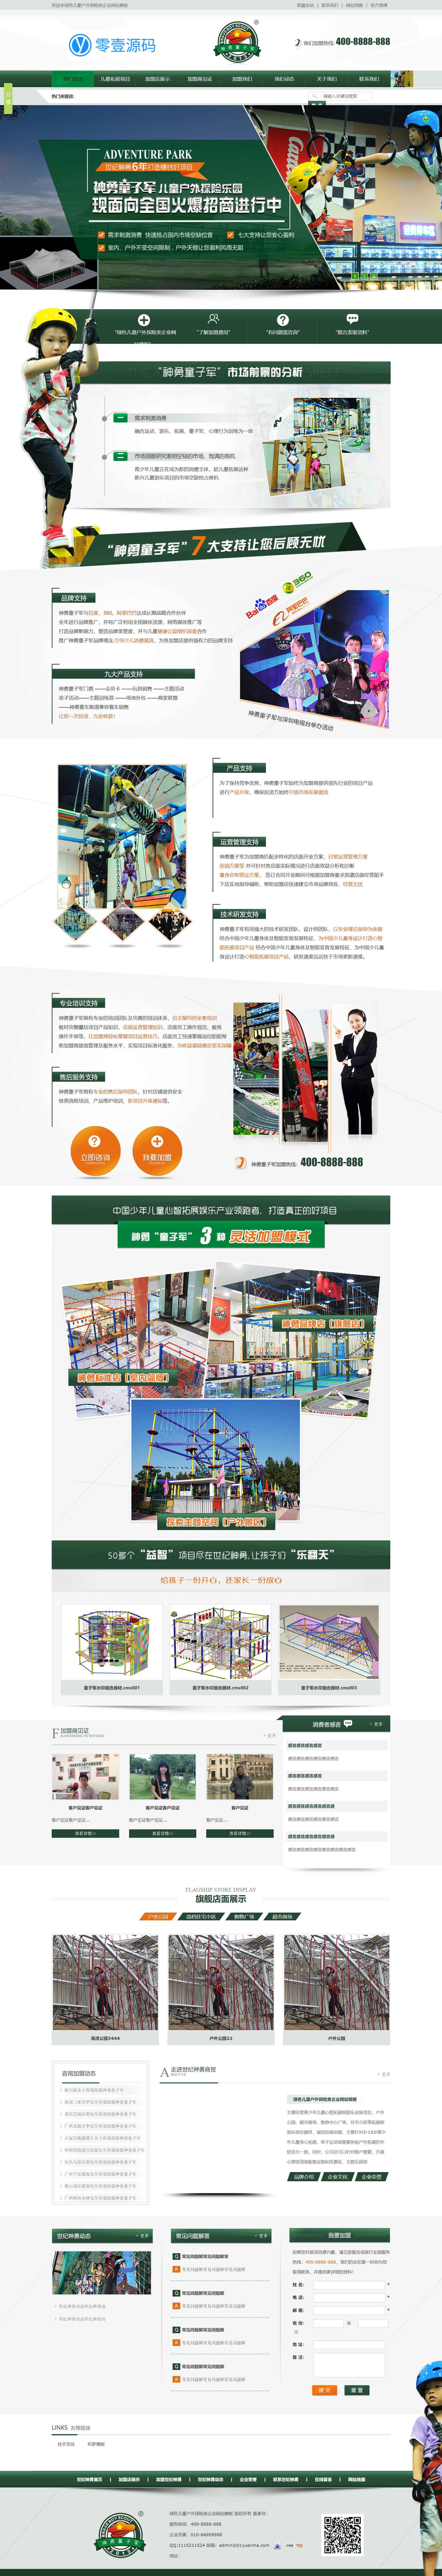 绿色儿童户外探险类企业网站织梦dedecms模板